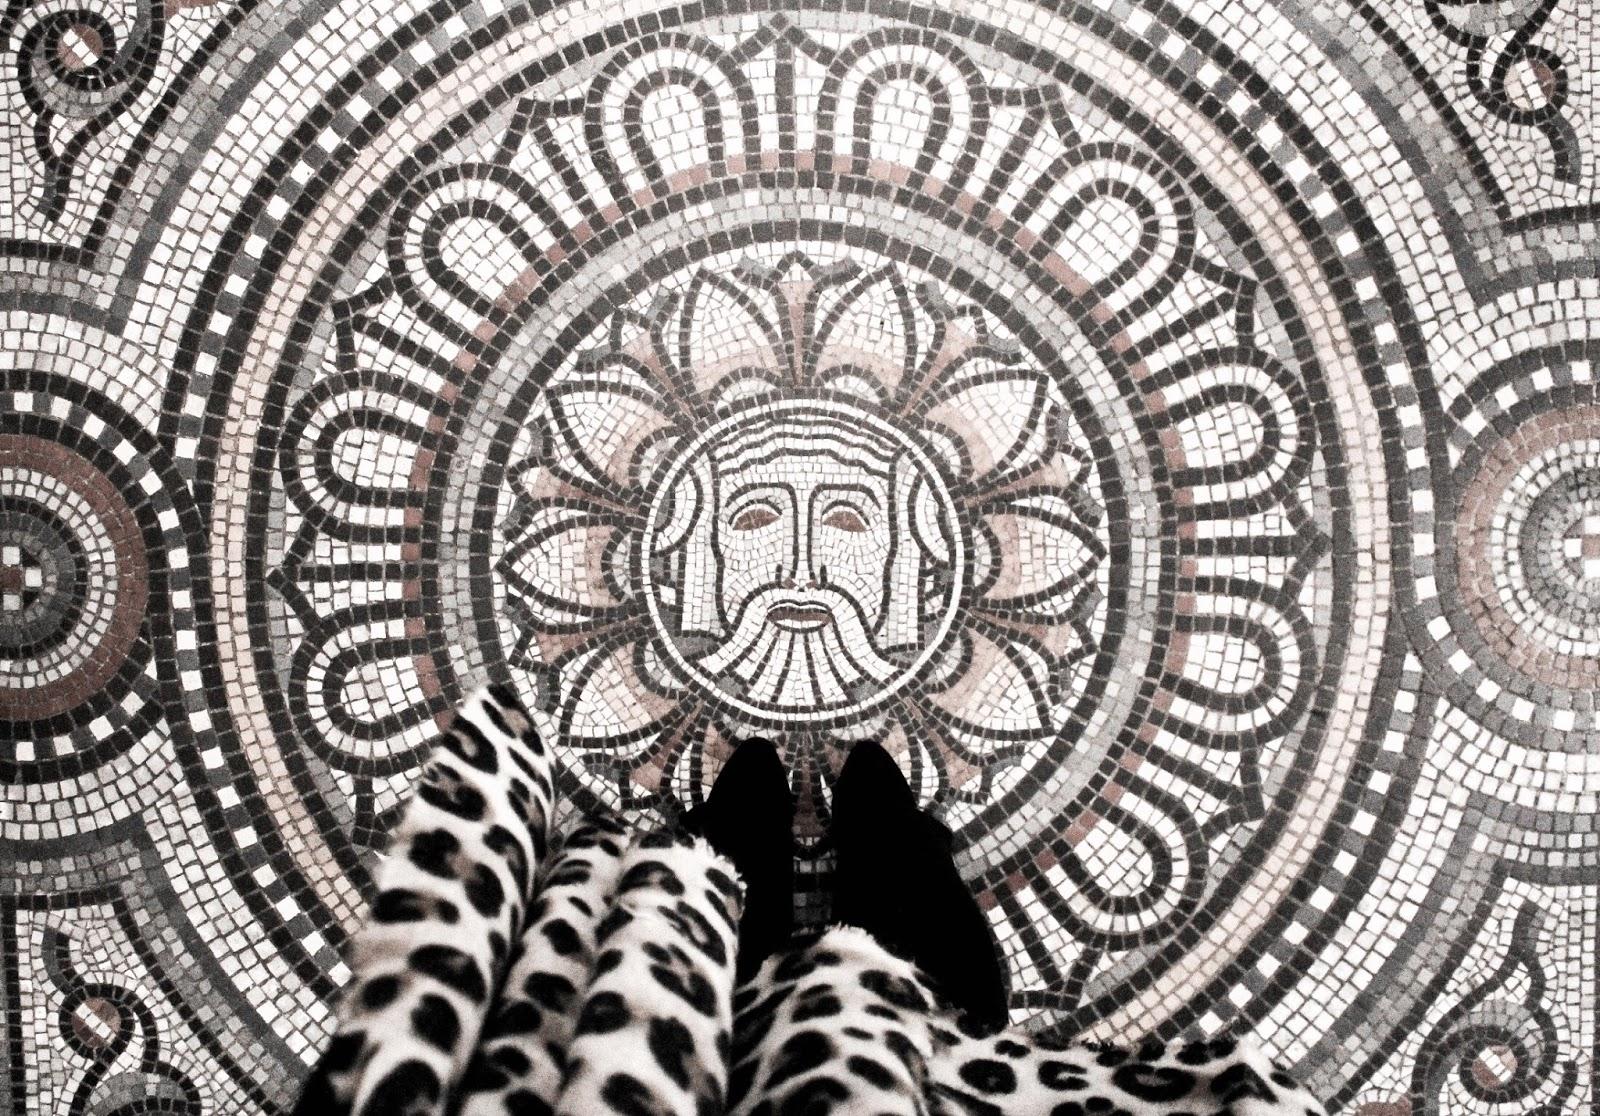 Mosaic Tile Flooring at The Fitzwilliam Museum